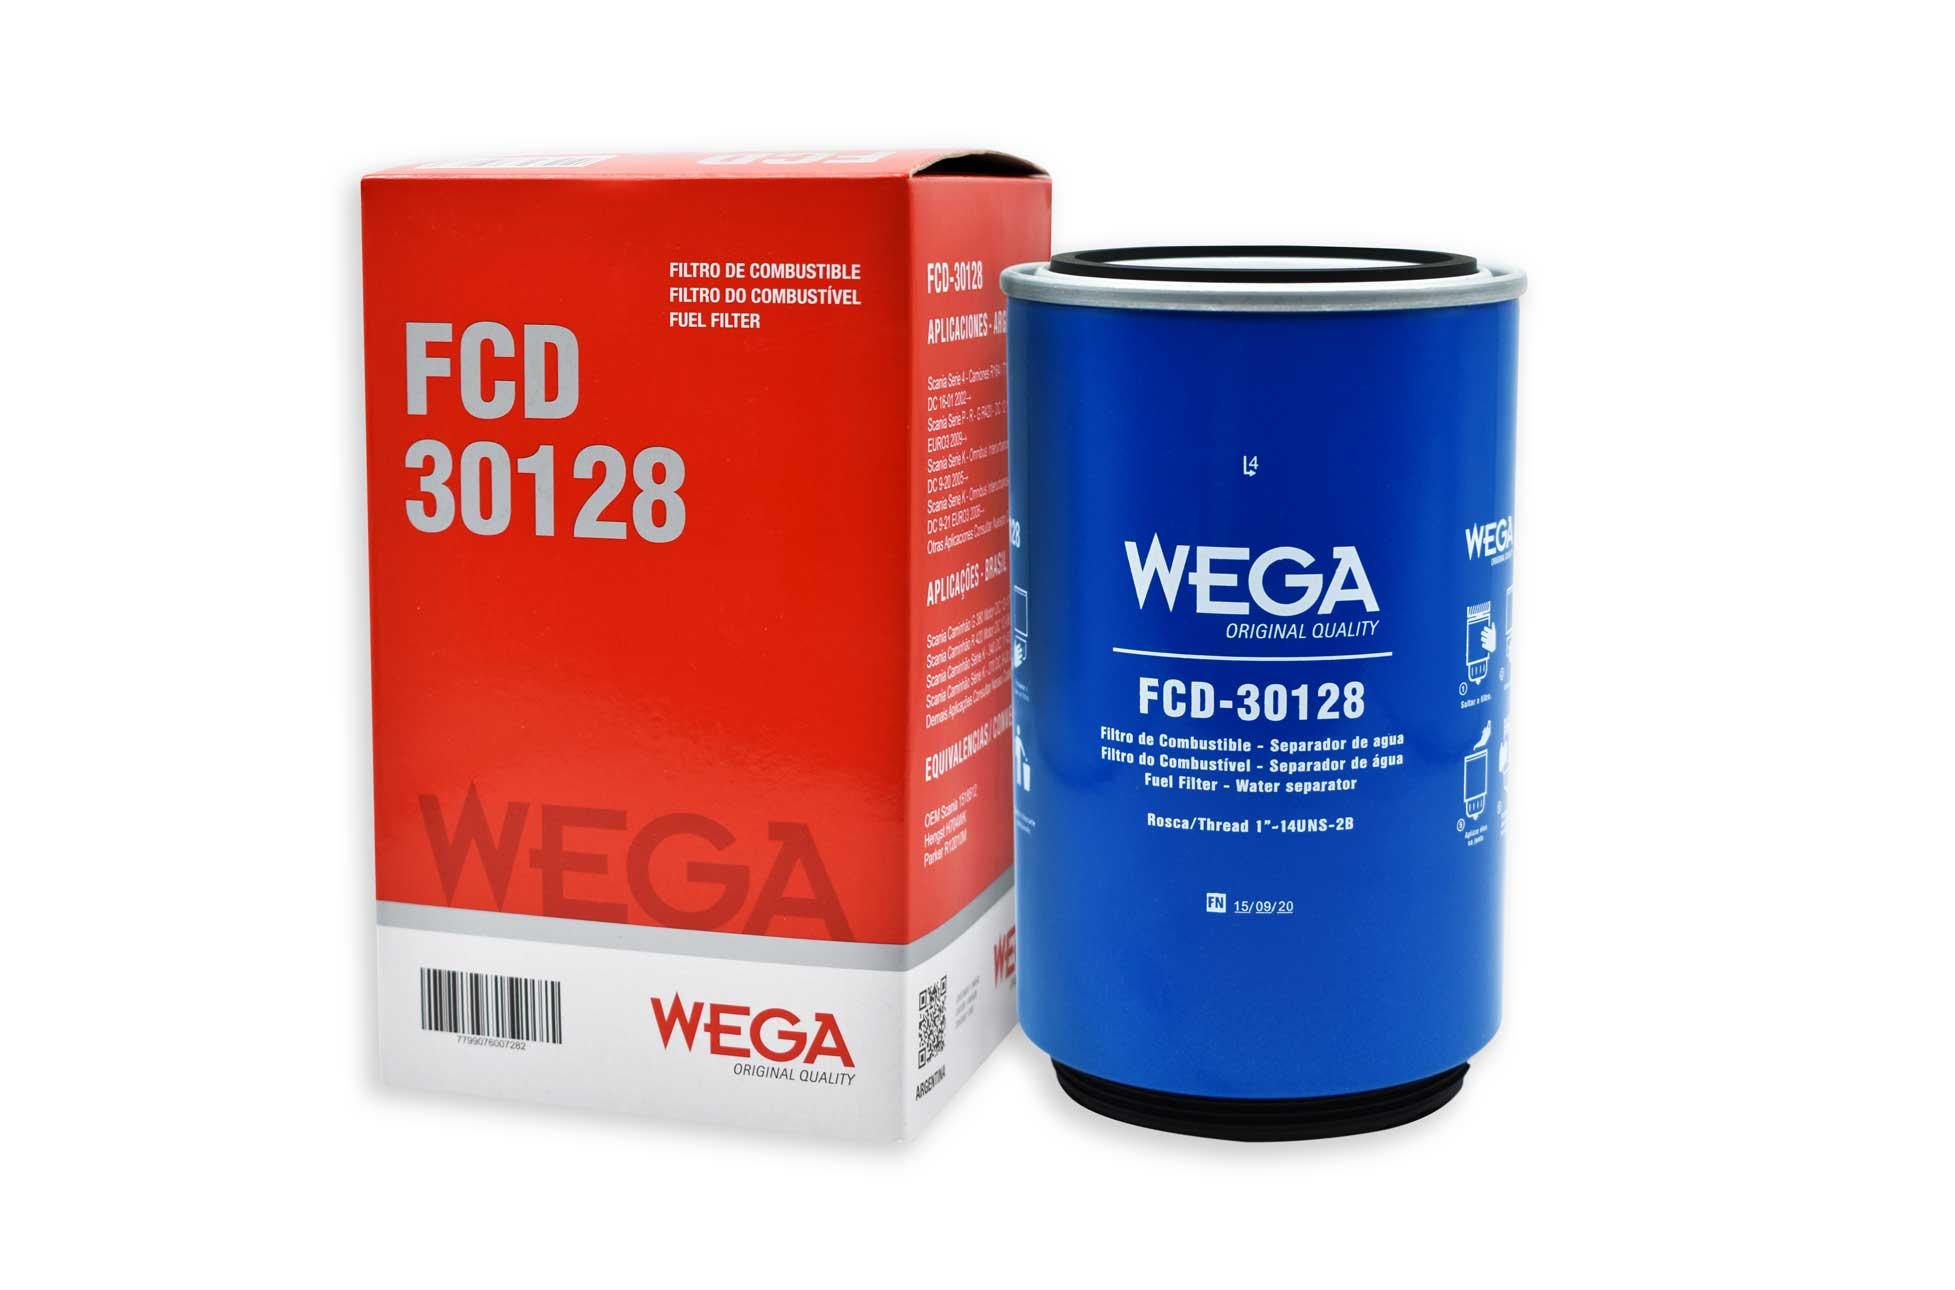 Código: FCD-30128